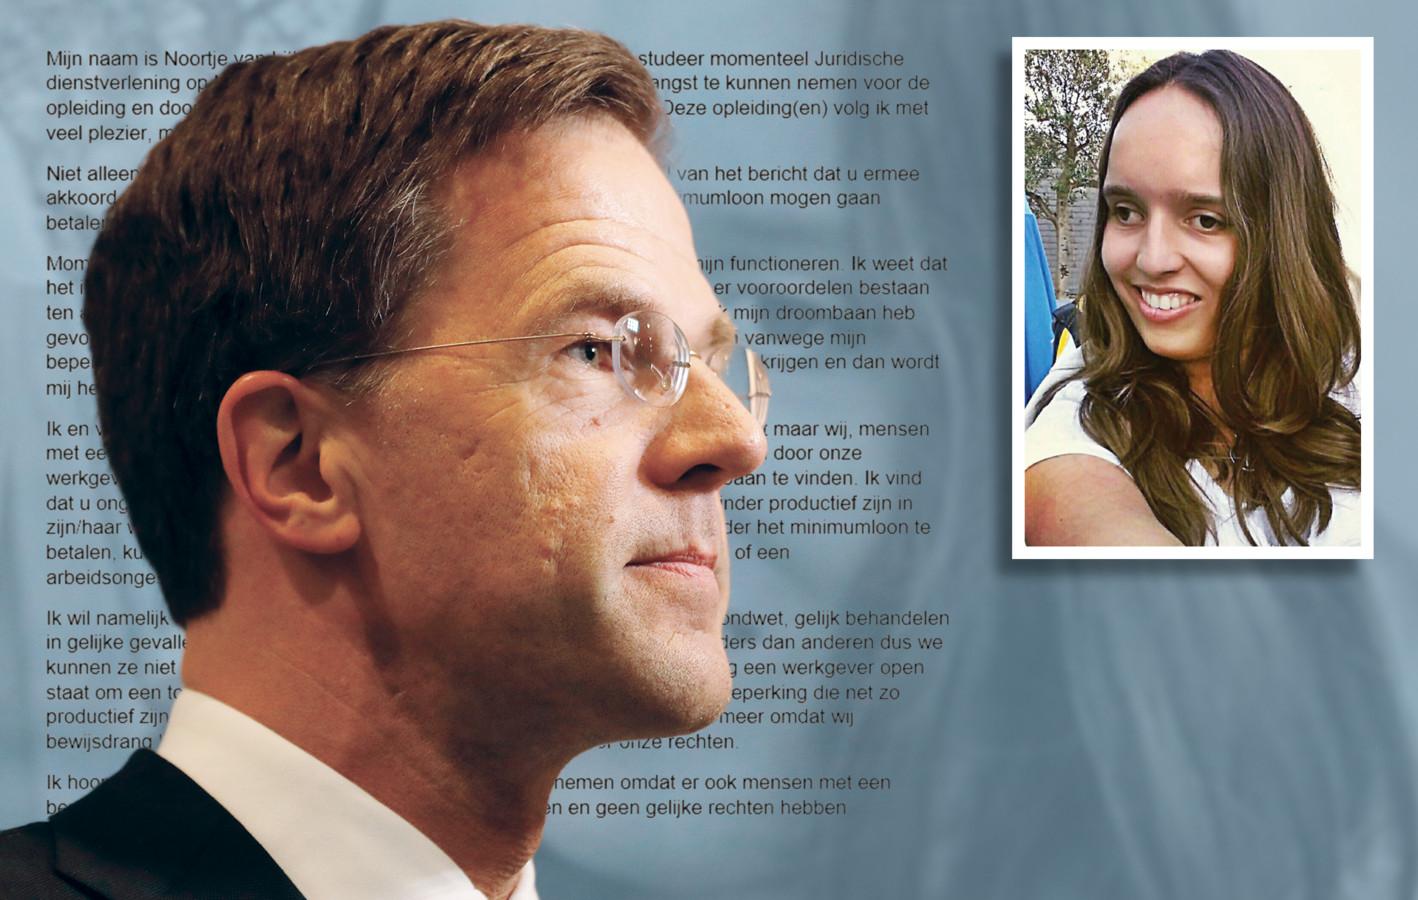 De 21-jarige Noortje van Lith uit Roosendaal schreef een persoonlijke brief aan premier Rutte